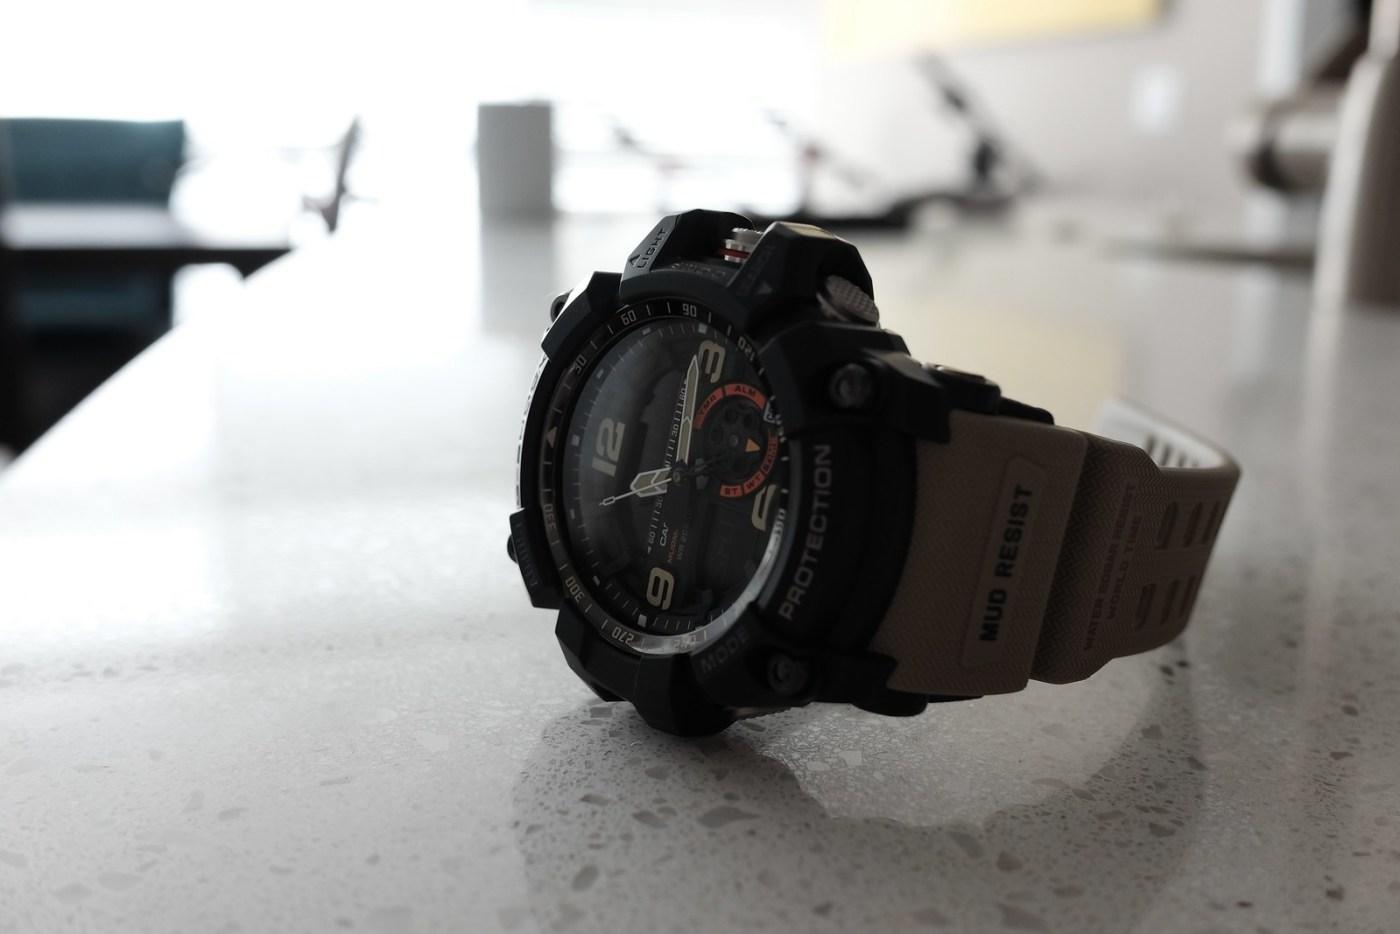 Casio G-Shock Mudmaster GG1000 Khaki